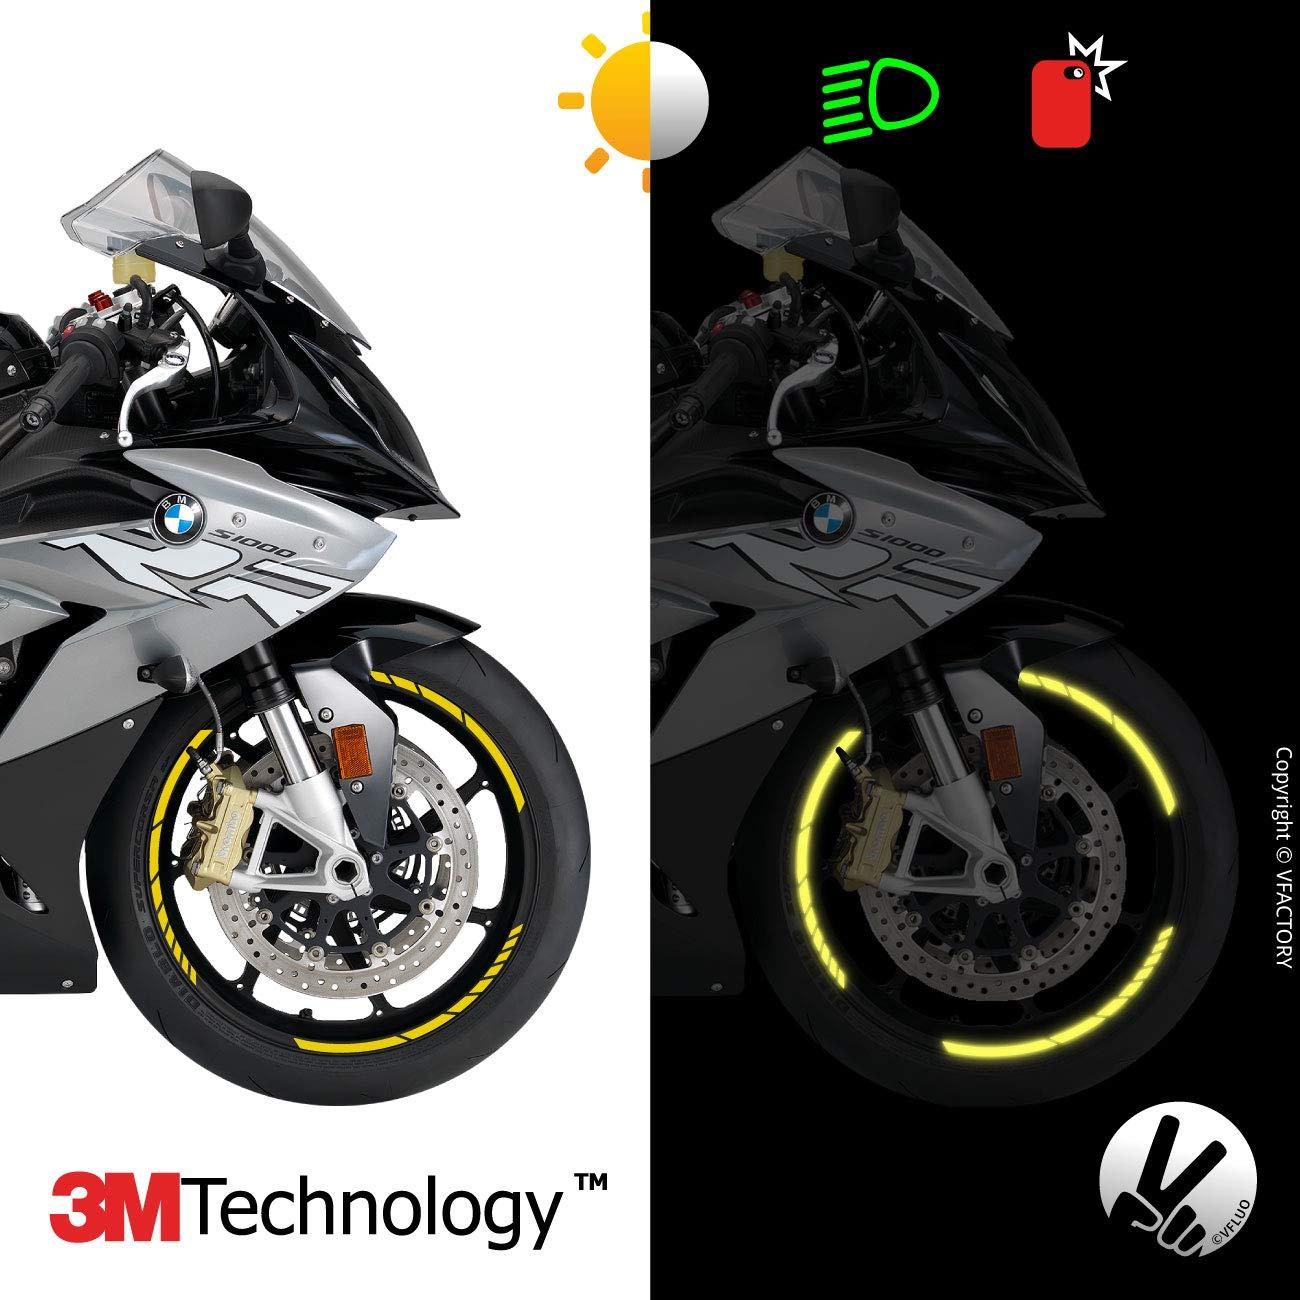 Liseret Largeur Normale : 7 mm Or 1 Roue 3M Technology/™ VFLUO GP Design/™ Kit Bandes Jantes Moto r/étro r/éfl/échissantes